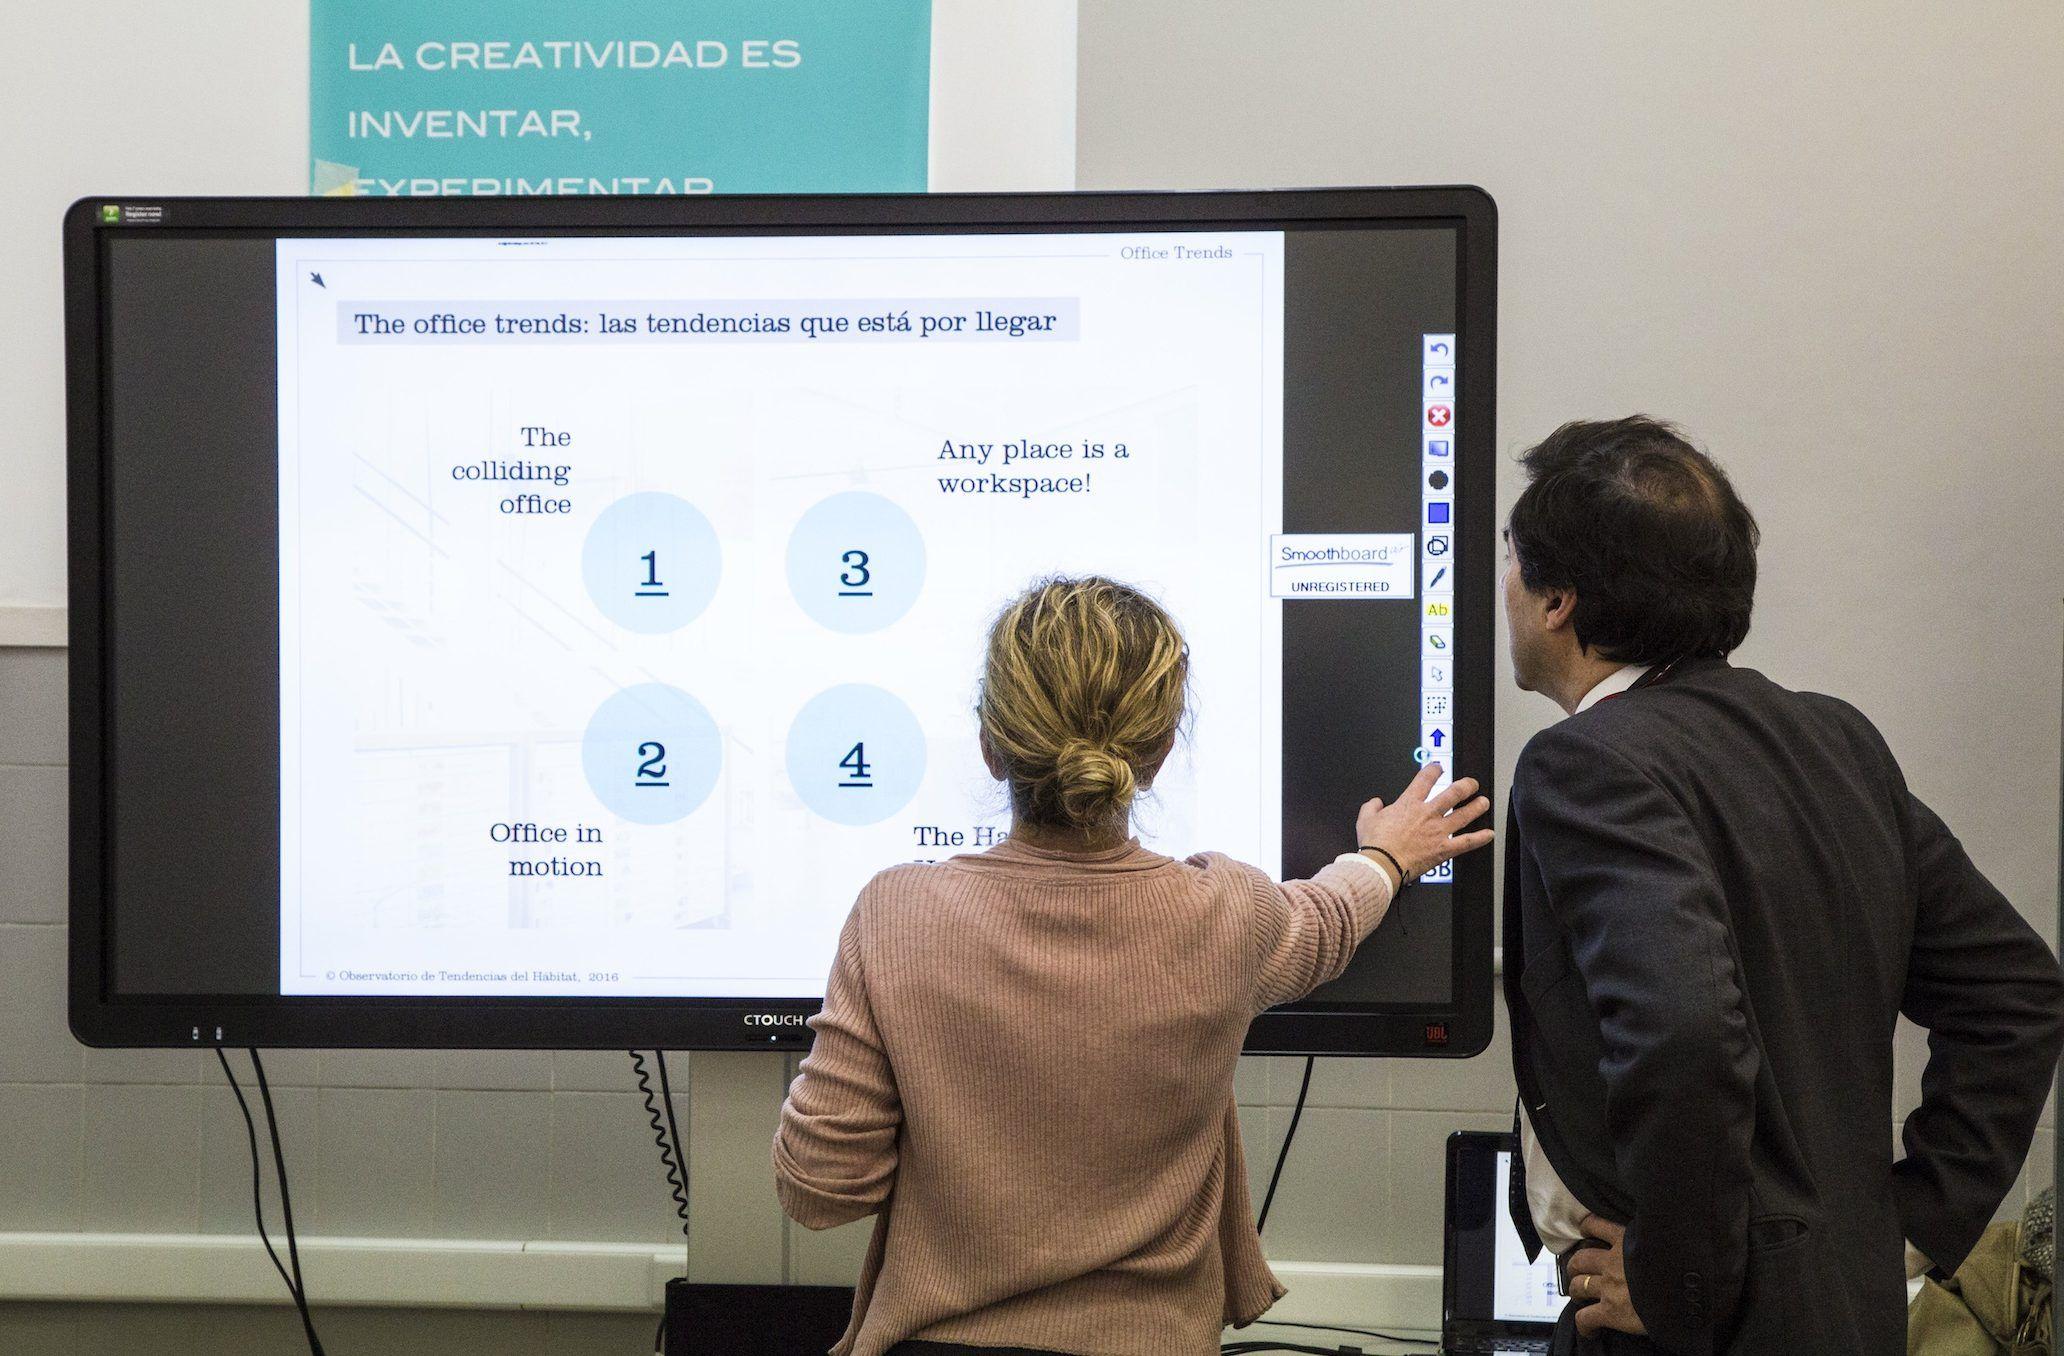 Los displays interactivos CTOUCH son pantallas multitáctiles de alta definición, con tecnología Plug&Play.